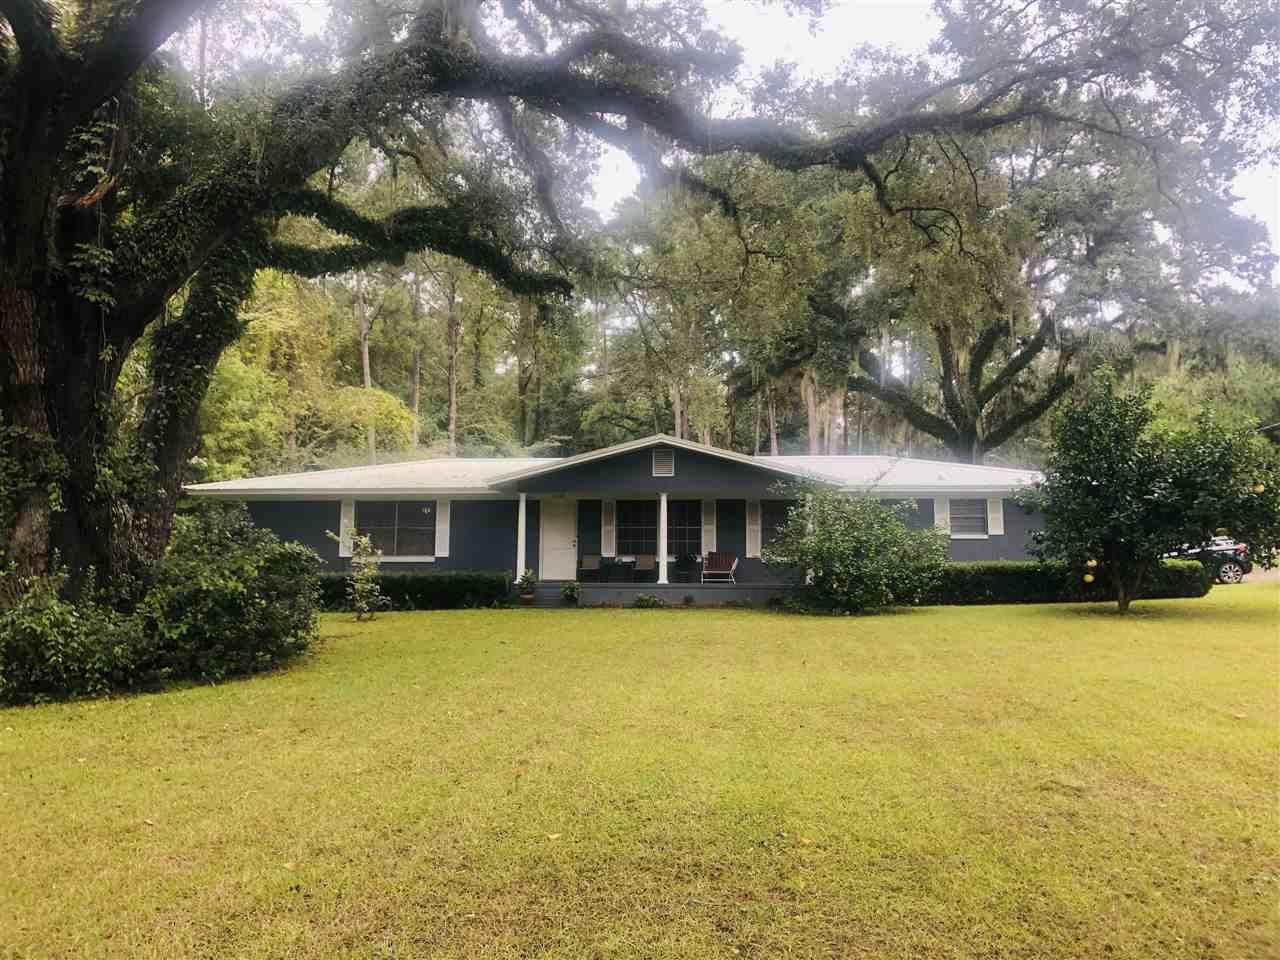 Photo of 2408 Hartsfield Road, TALLAHASSEE, FL 32303 (MLS # 324204)